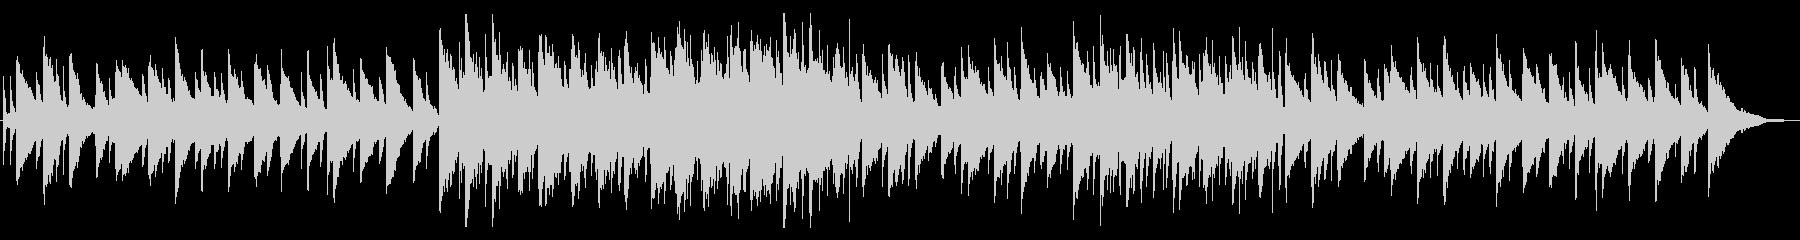 優しいピアノBGMの未再生の波形